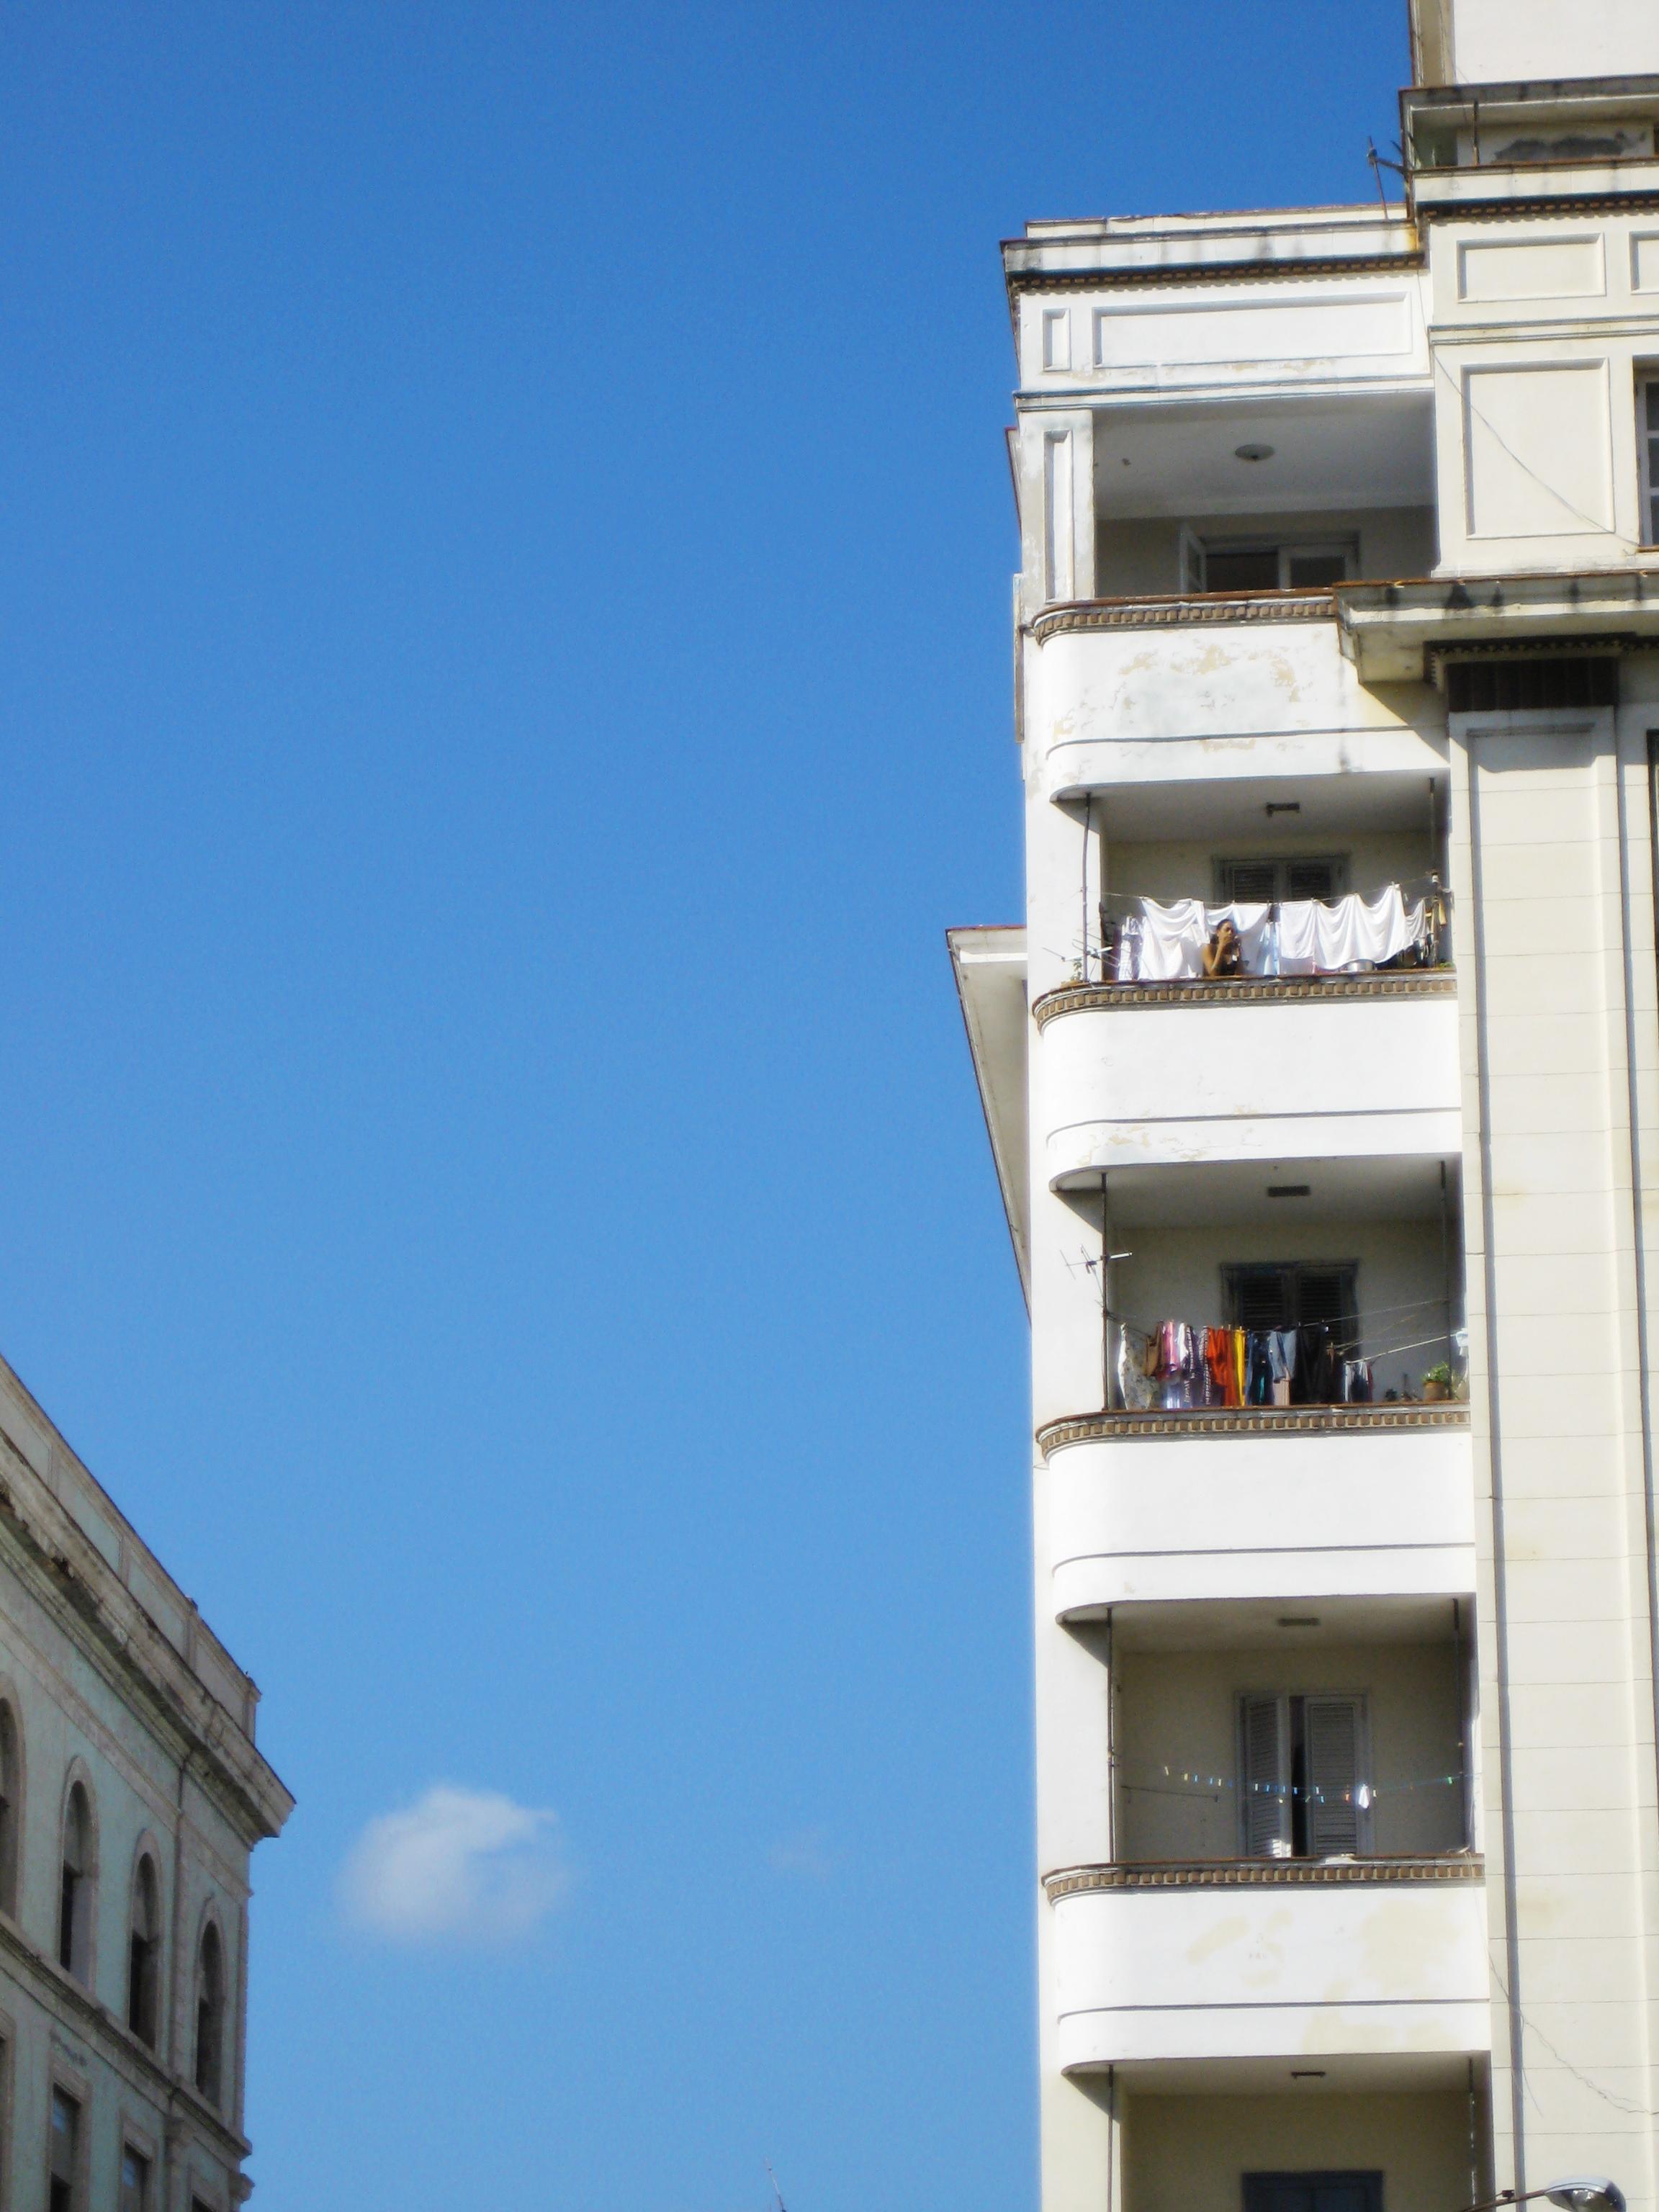 cubanapartments.jpg